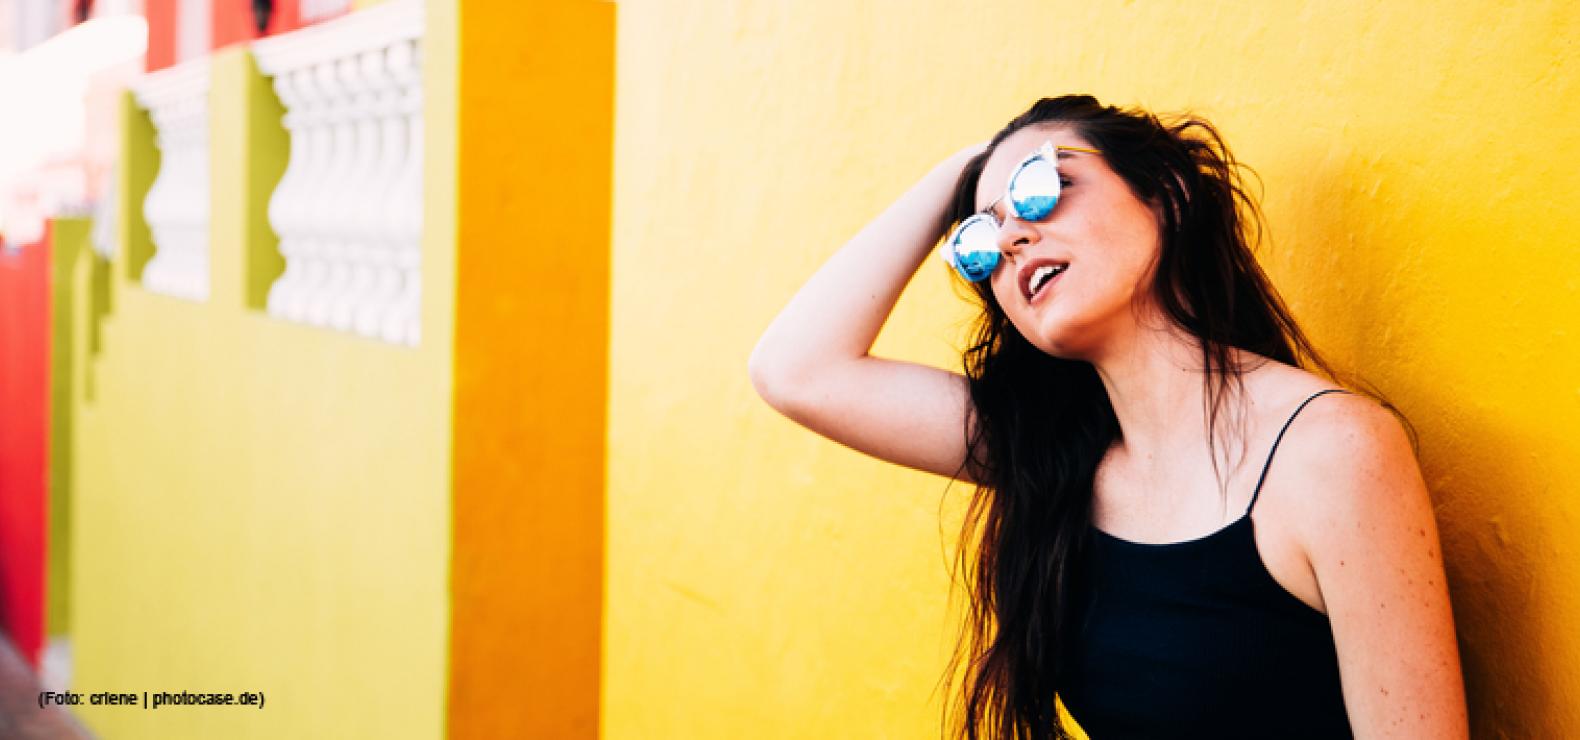 Frau mit Sonnenbrille lehnt an gelber Wand